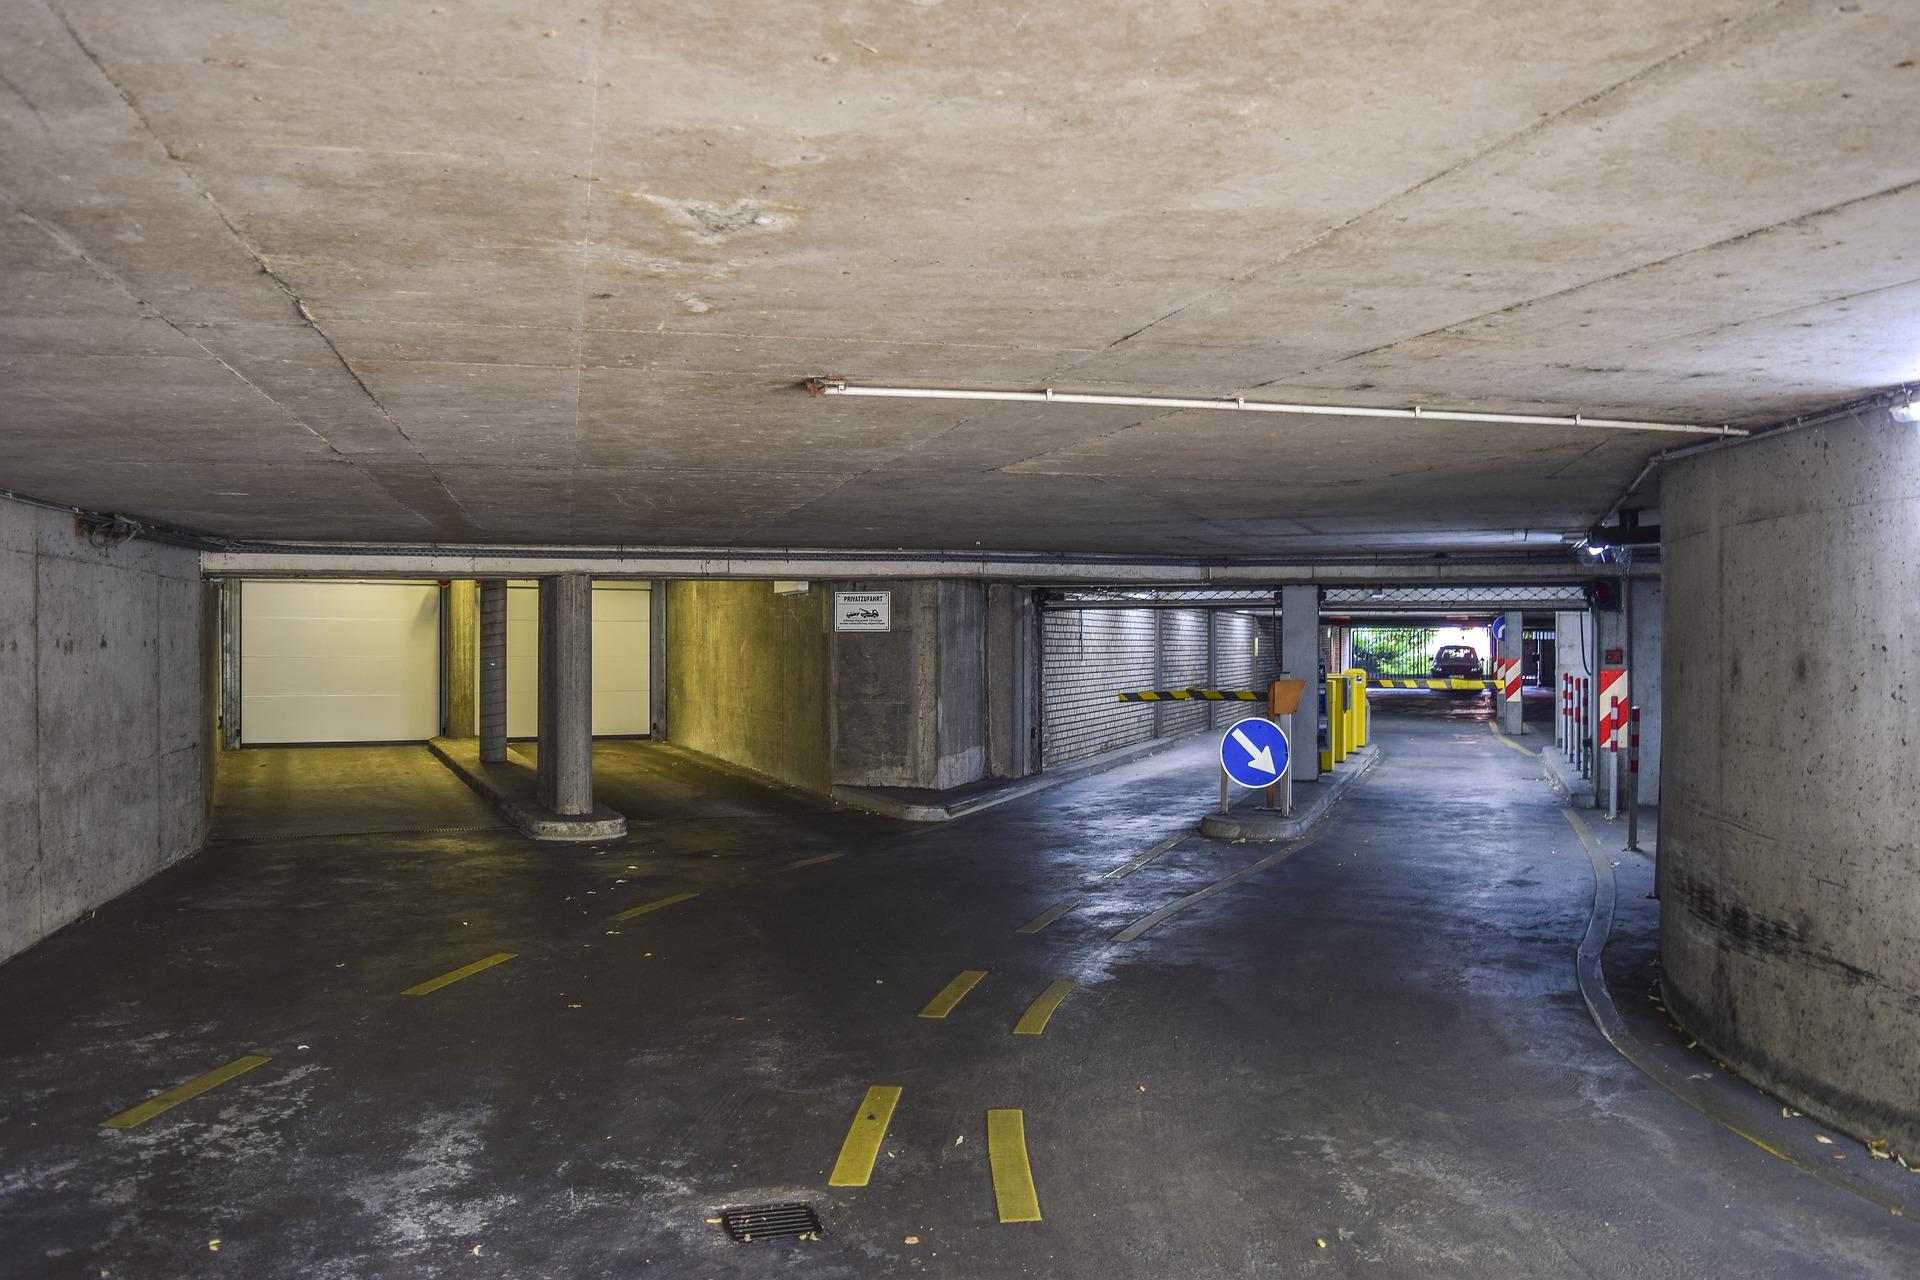 Особенности ПДД на стоянках и в парковочных комплексах